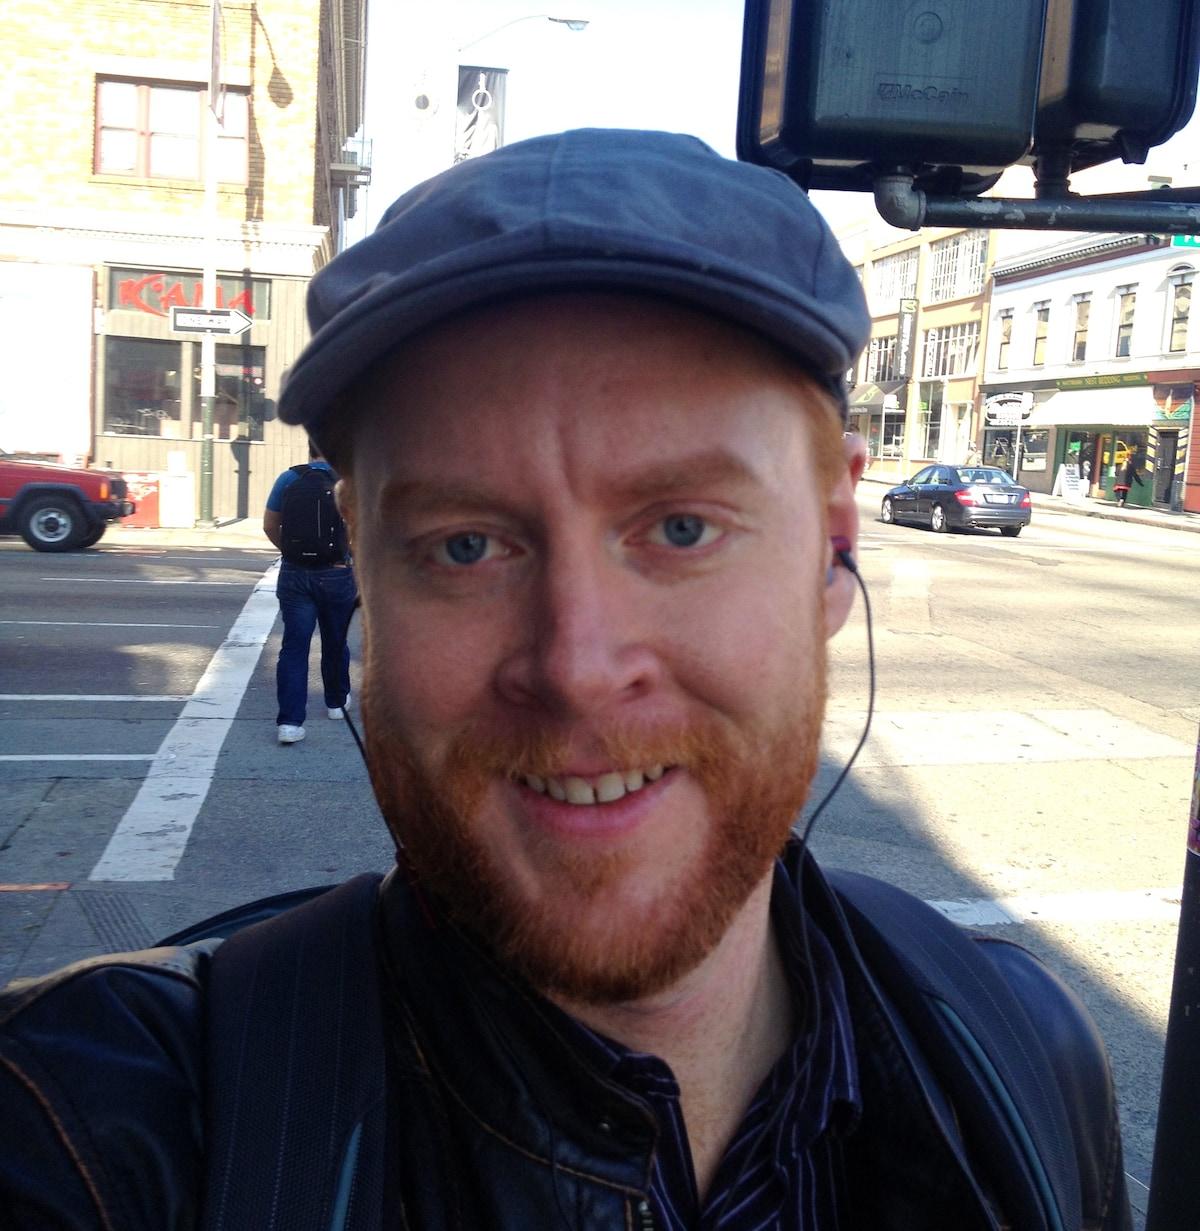 Nathan From San Francisco, CA